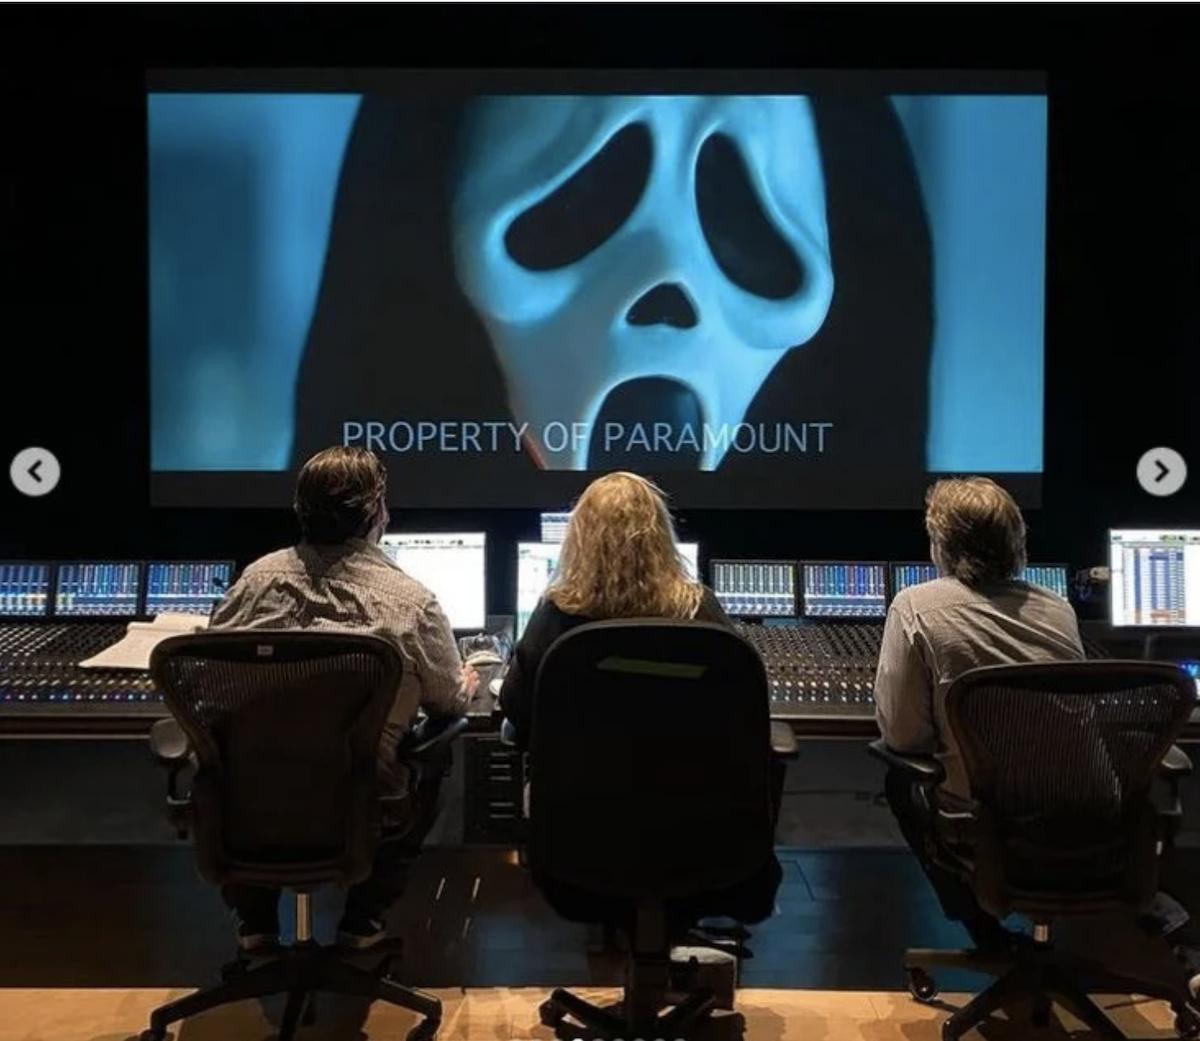 Ghostface in Scream 5